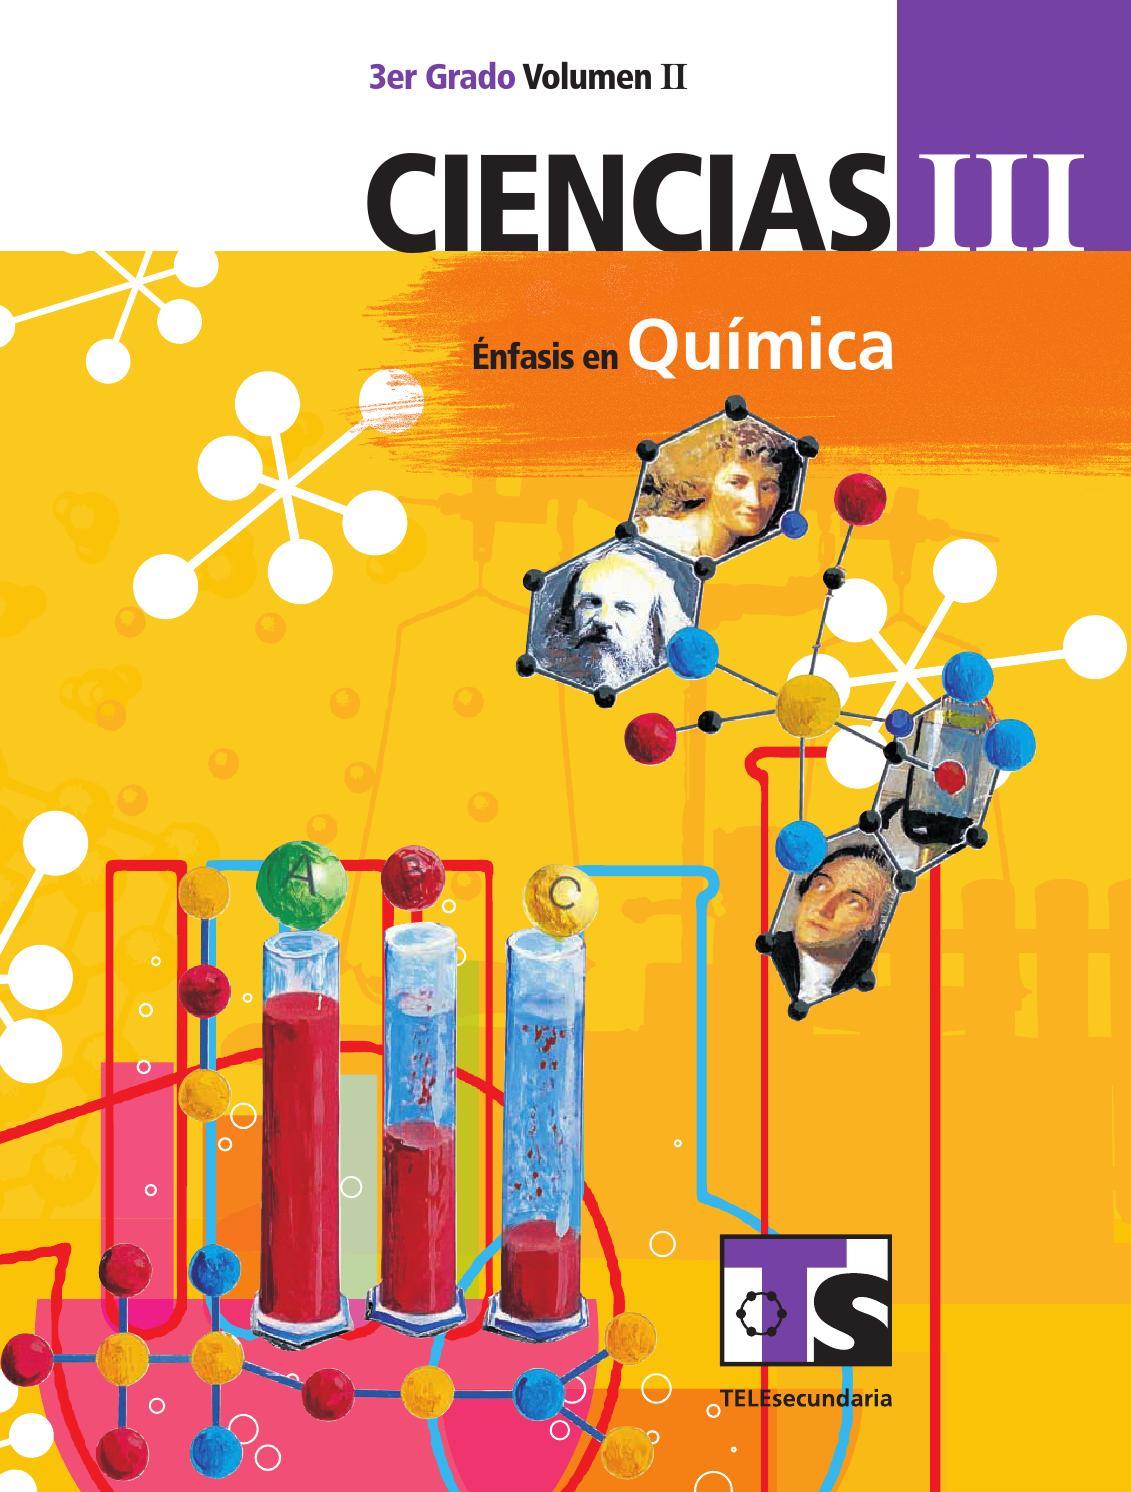 Ciencias 3er grado volumen ii by sbasica issuu for La quimica y la cocina pdf